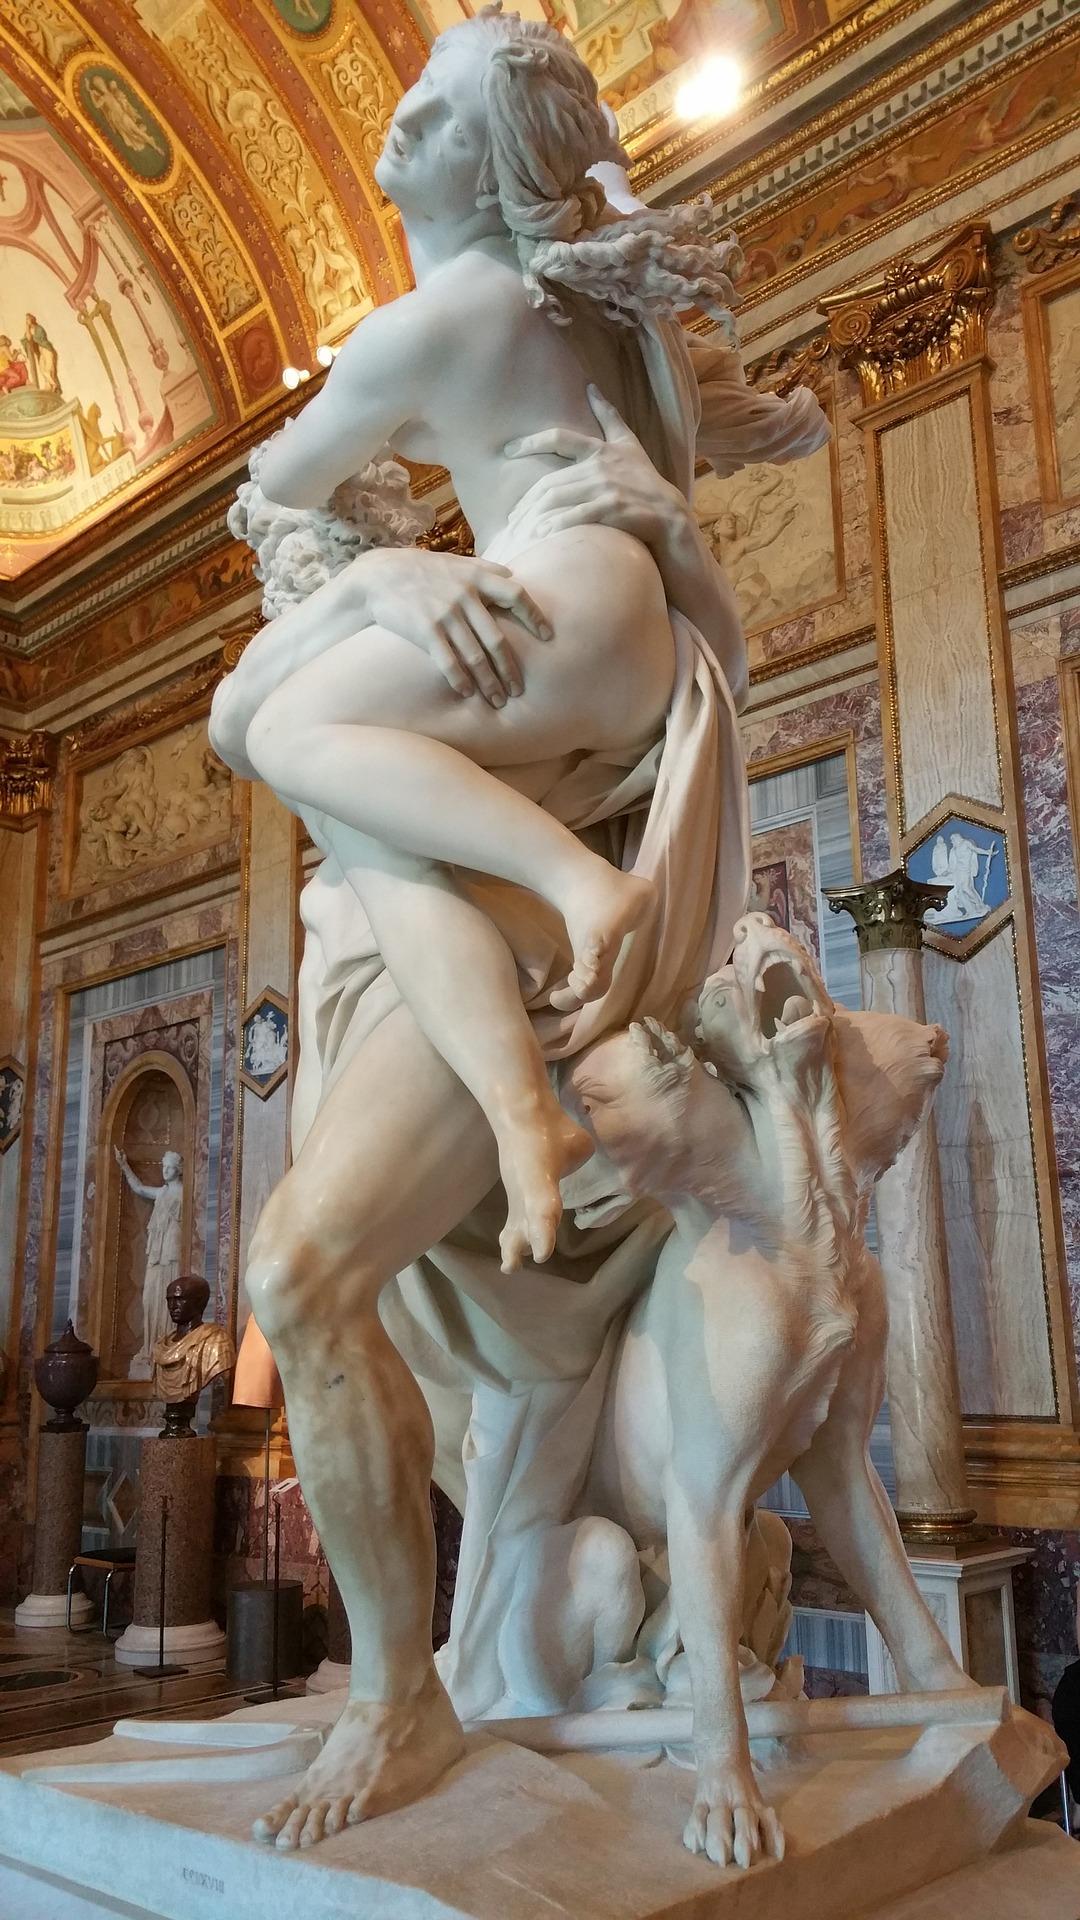 In Villa Borghese